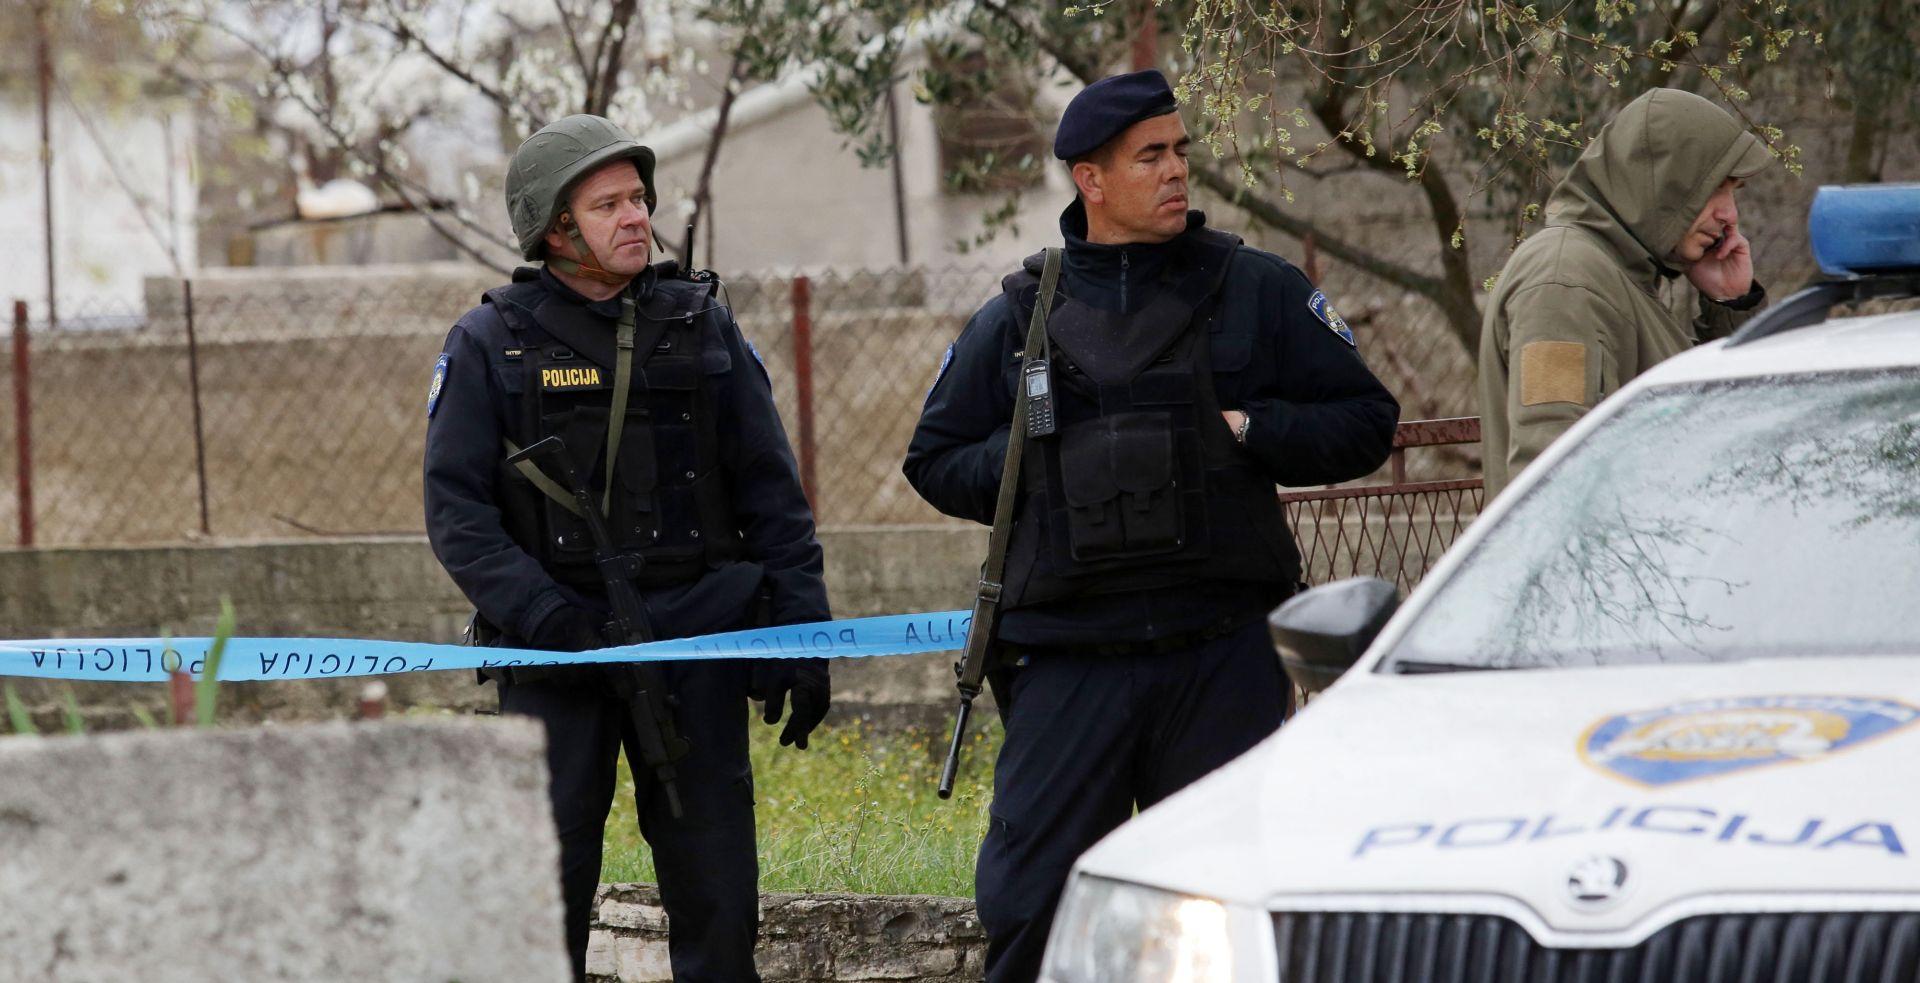 ŠIBENSKA POLICIJA Provalio u sef, ukrao pištolj i ubio roditelje – podignuta kaznena prijava